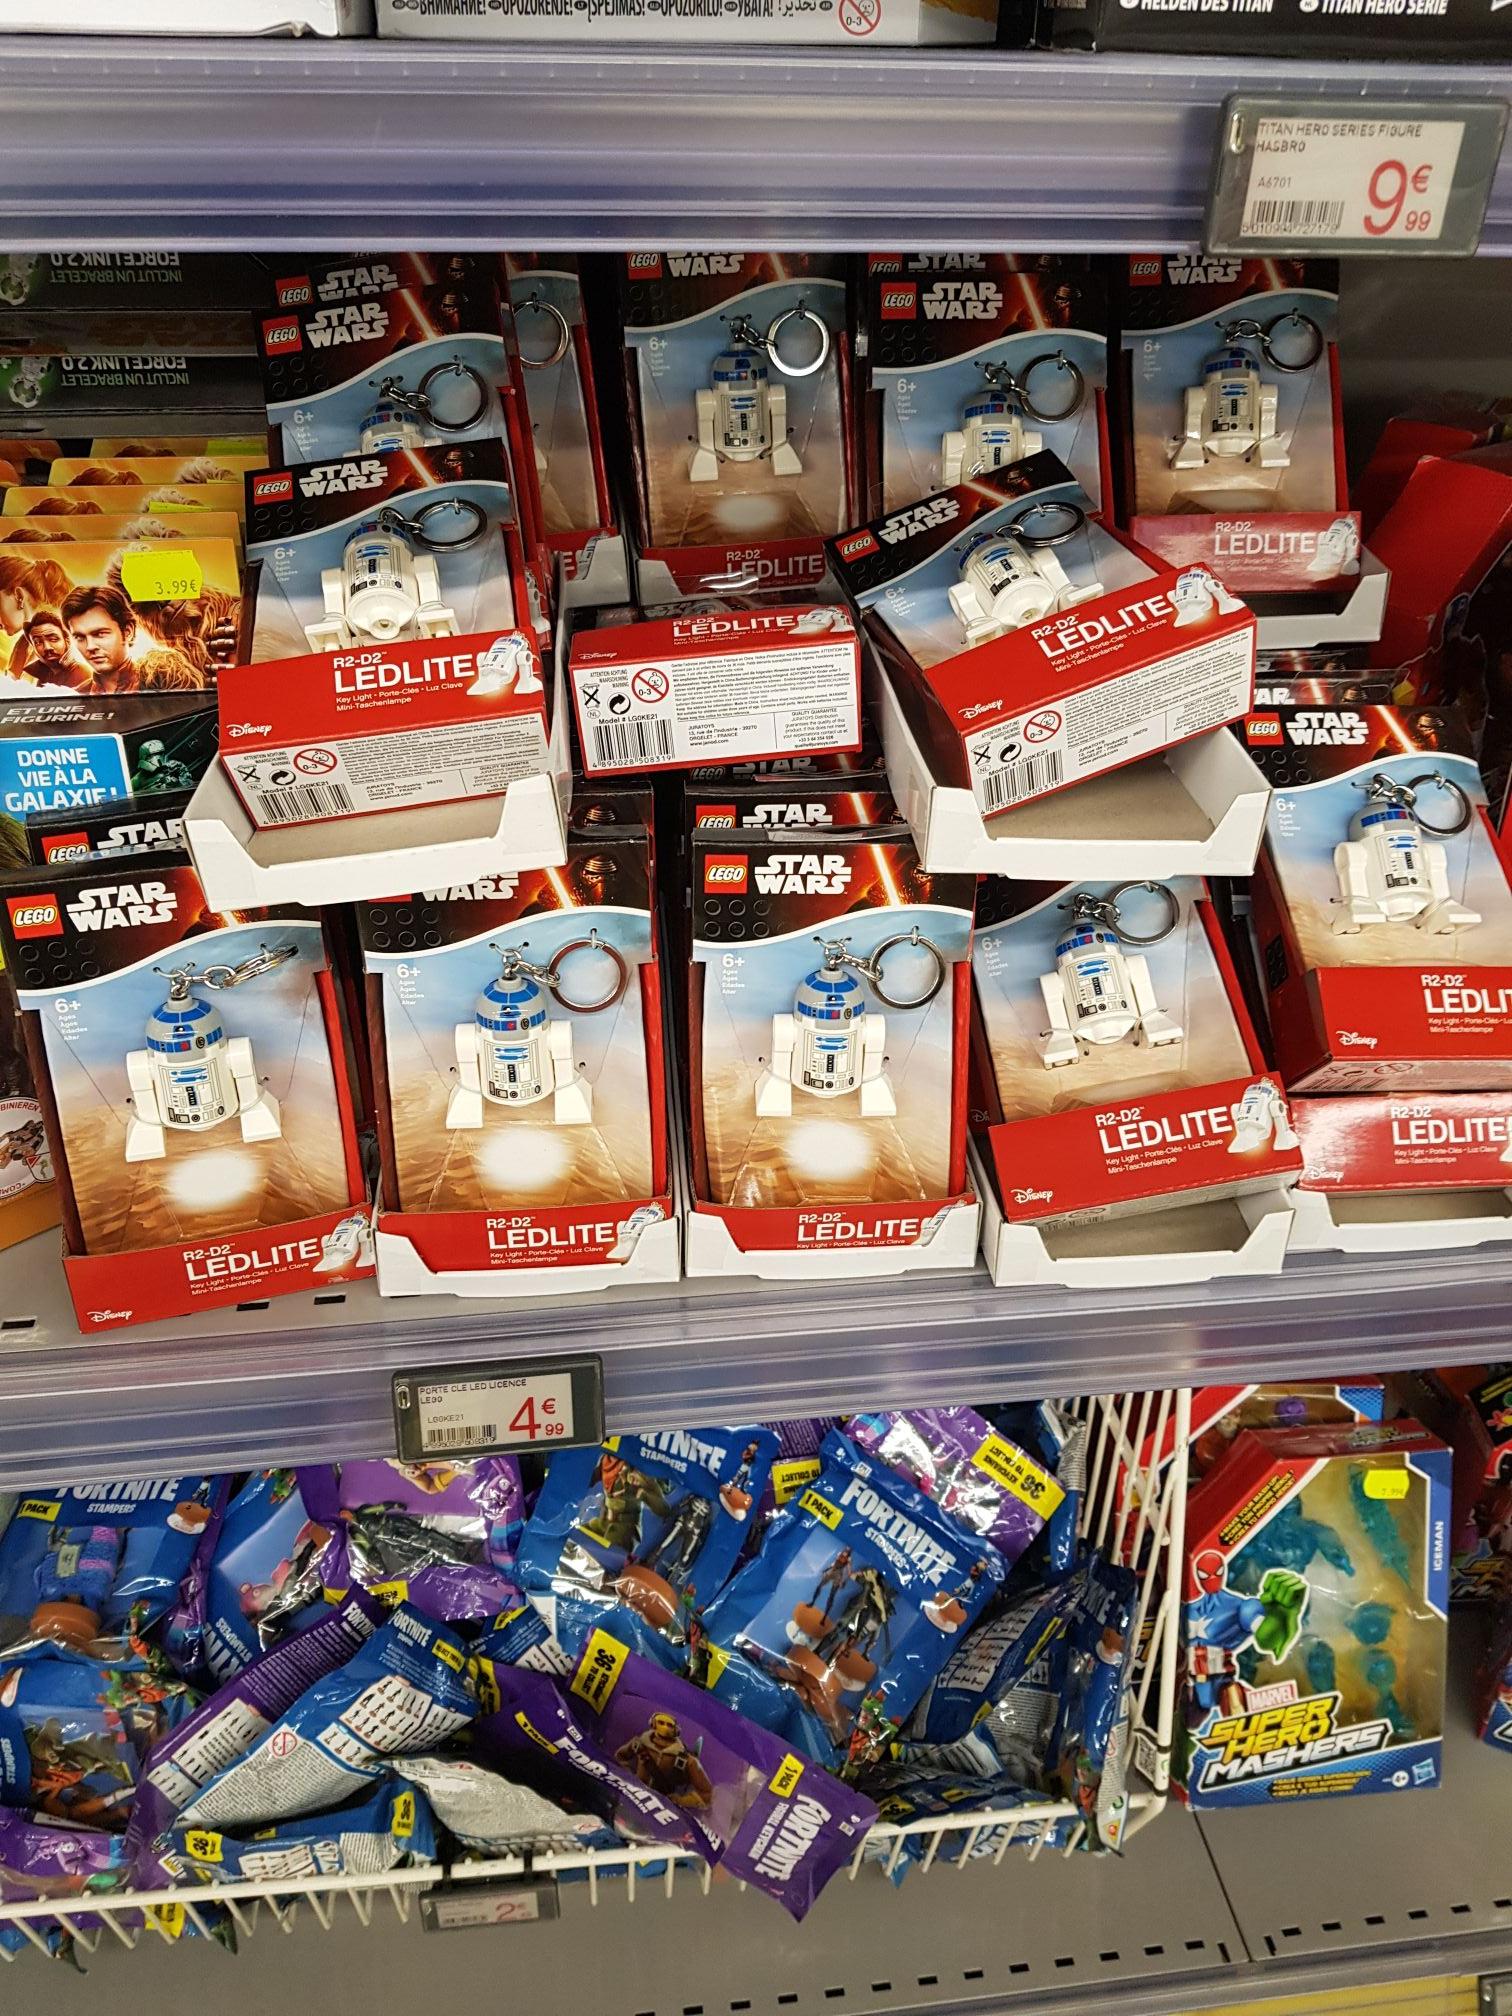 Sélection de porte-clés Lego en promotion - Ex: Porte-clé Lego Star Wars led R2-D2 - Toulouse Rte d'Espagne (31) / Gennevillers (92)